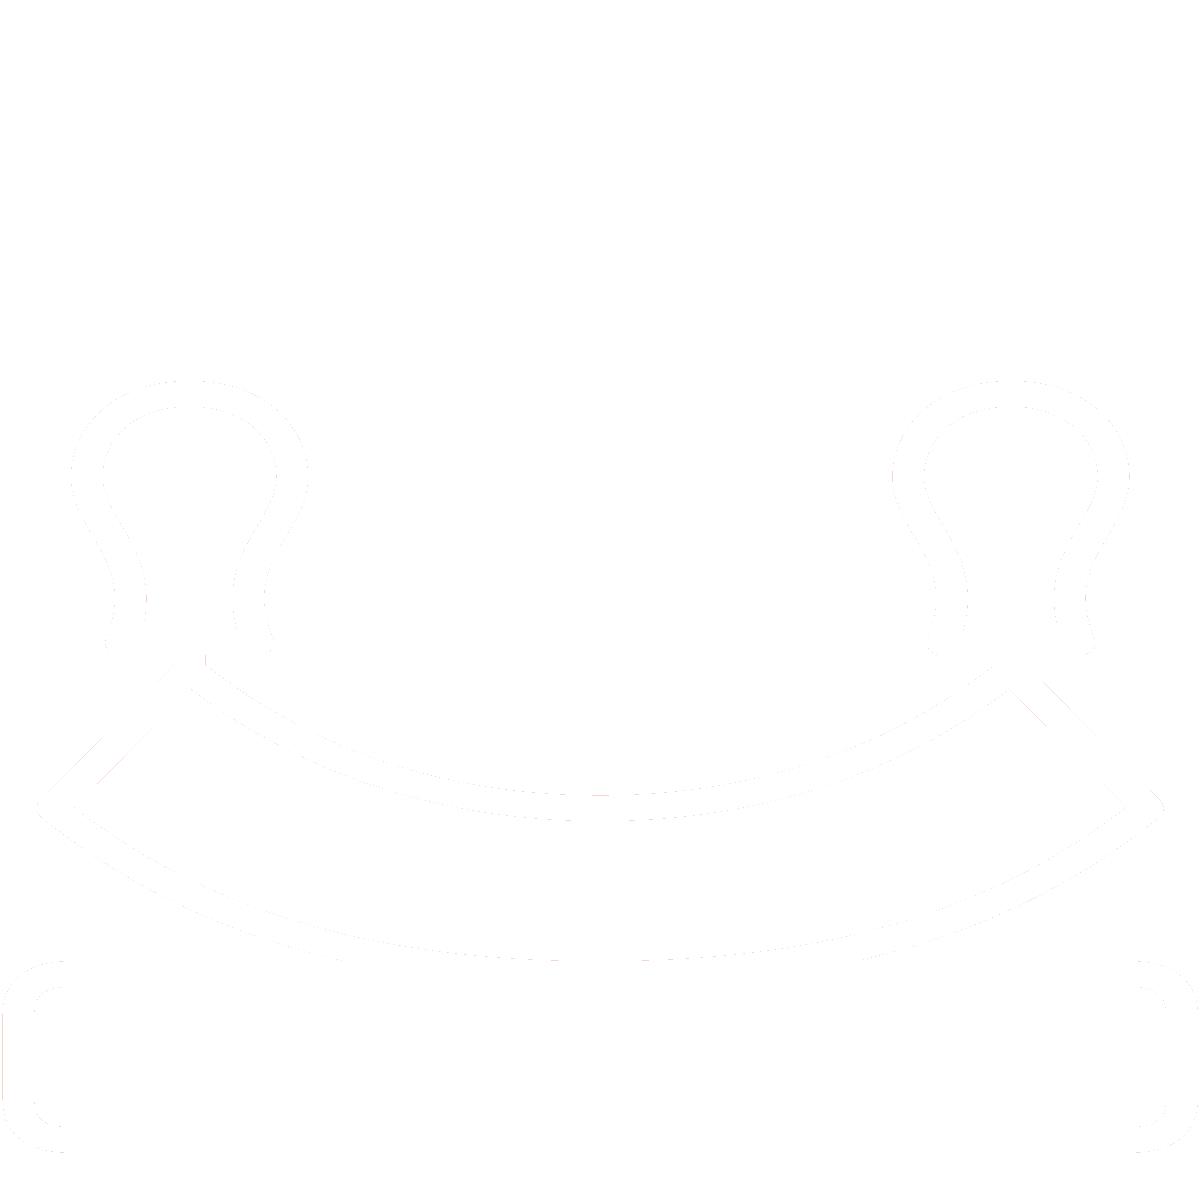 Dal set THE KITCHEN, l'icona lunetta BIANCA, creata da Wojciech Zasina [www.be.net/wzasina] e usata su www.cucinodite.it da Giorgio Giorgetti, personal chef Varese Como Milano Lombardia